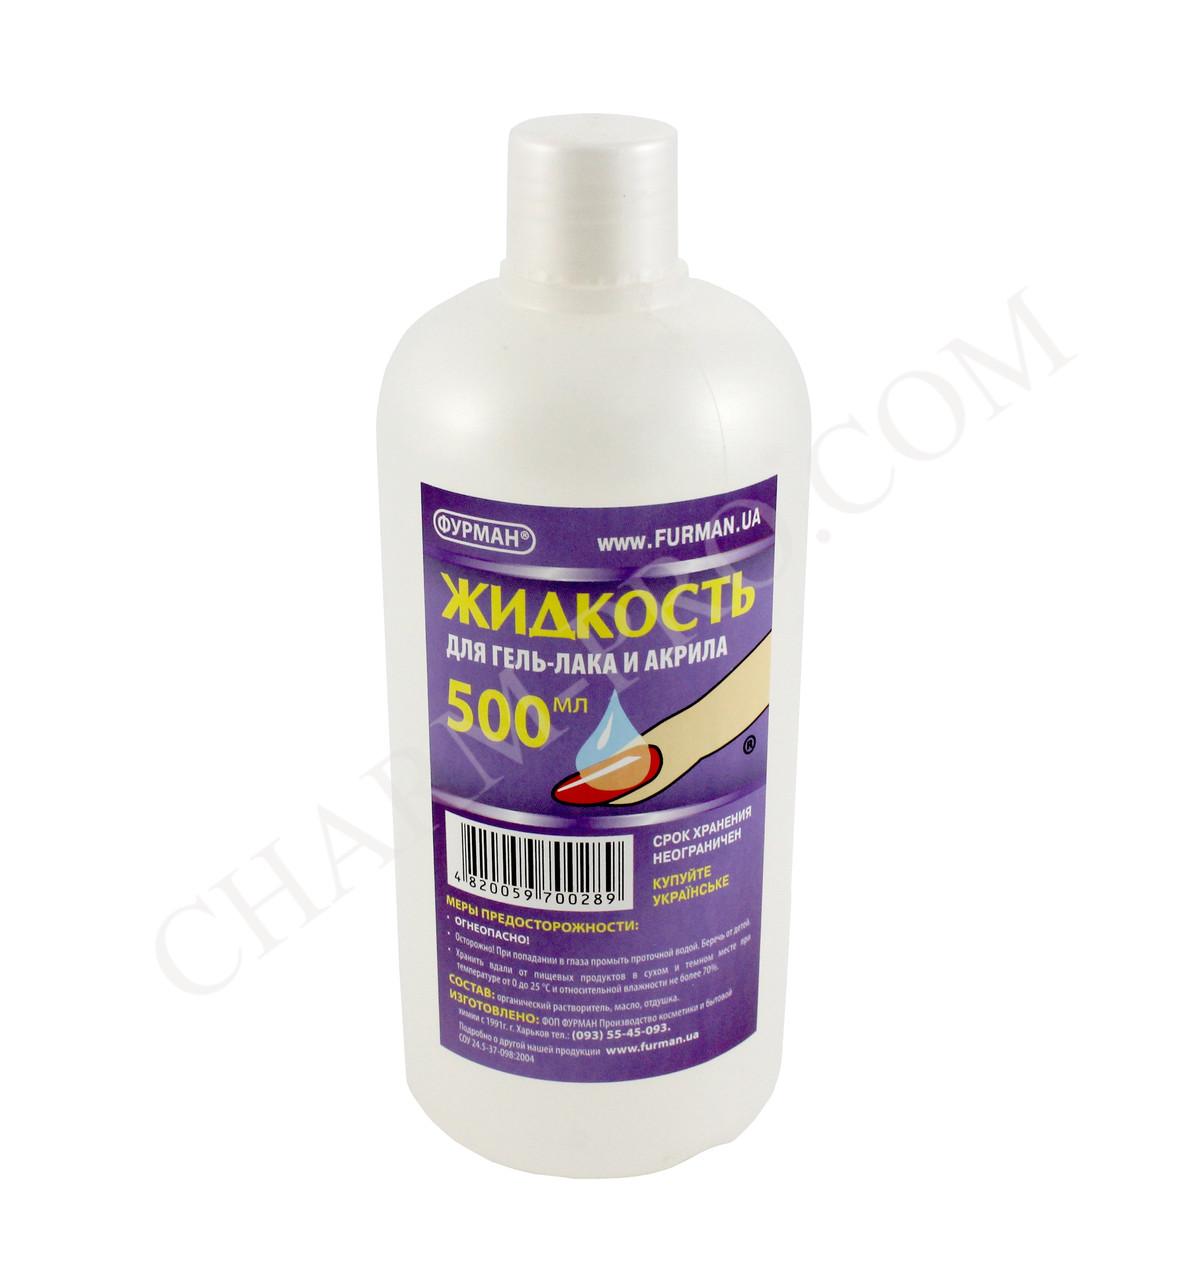 Жидкость для снятия гель лака и акрила ФУРМАН 500 мл.